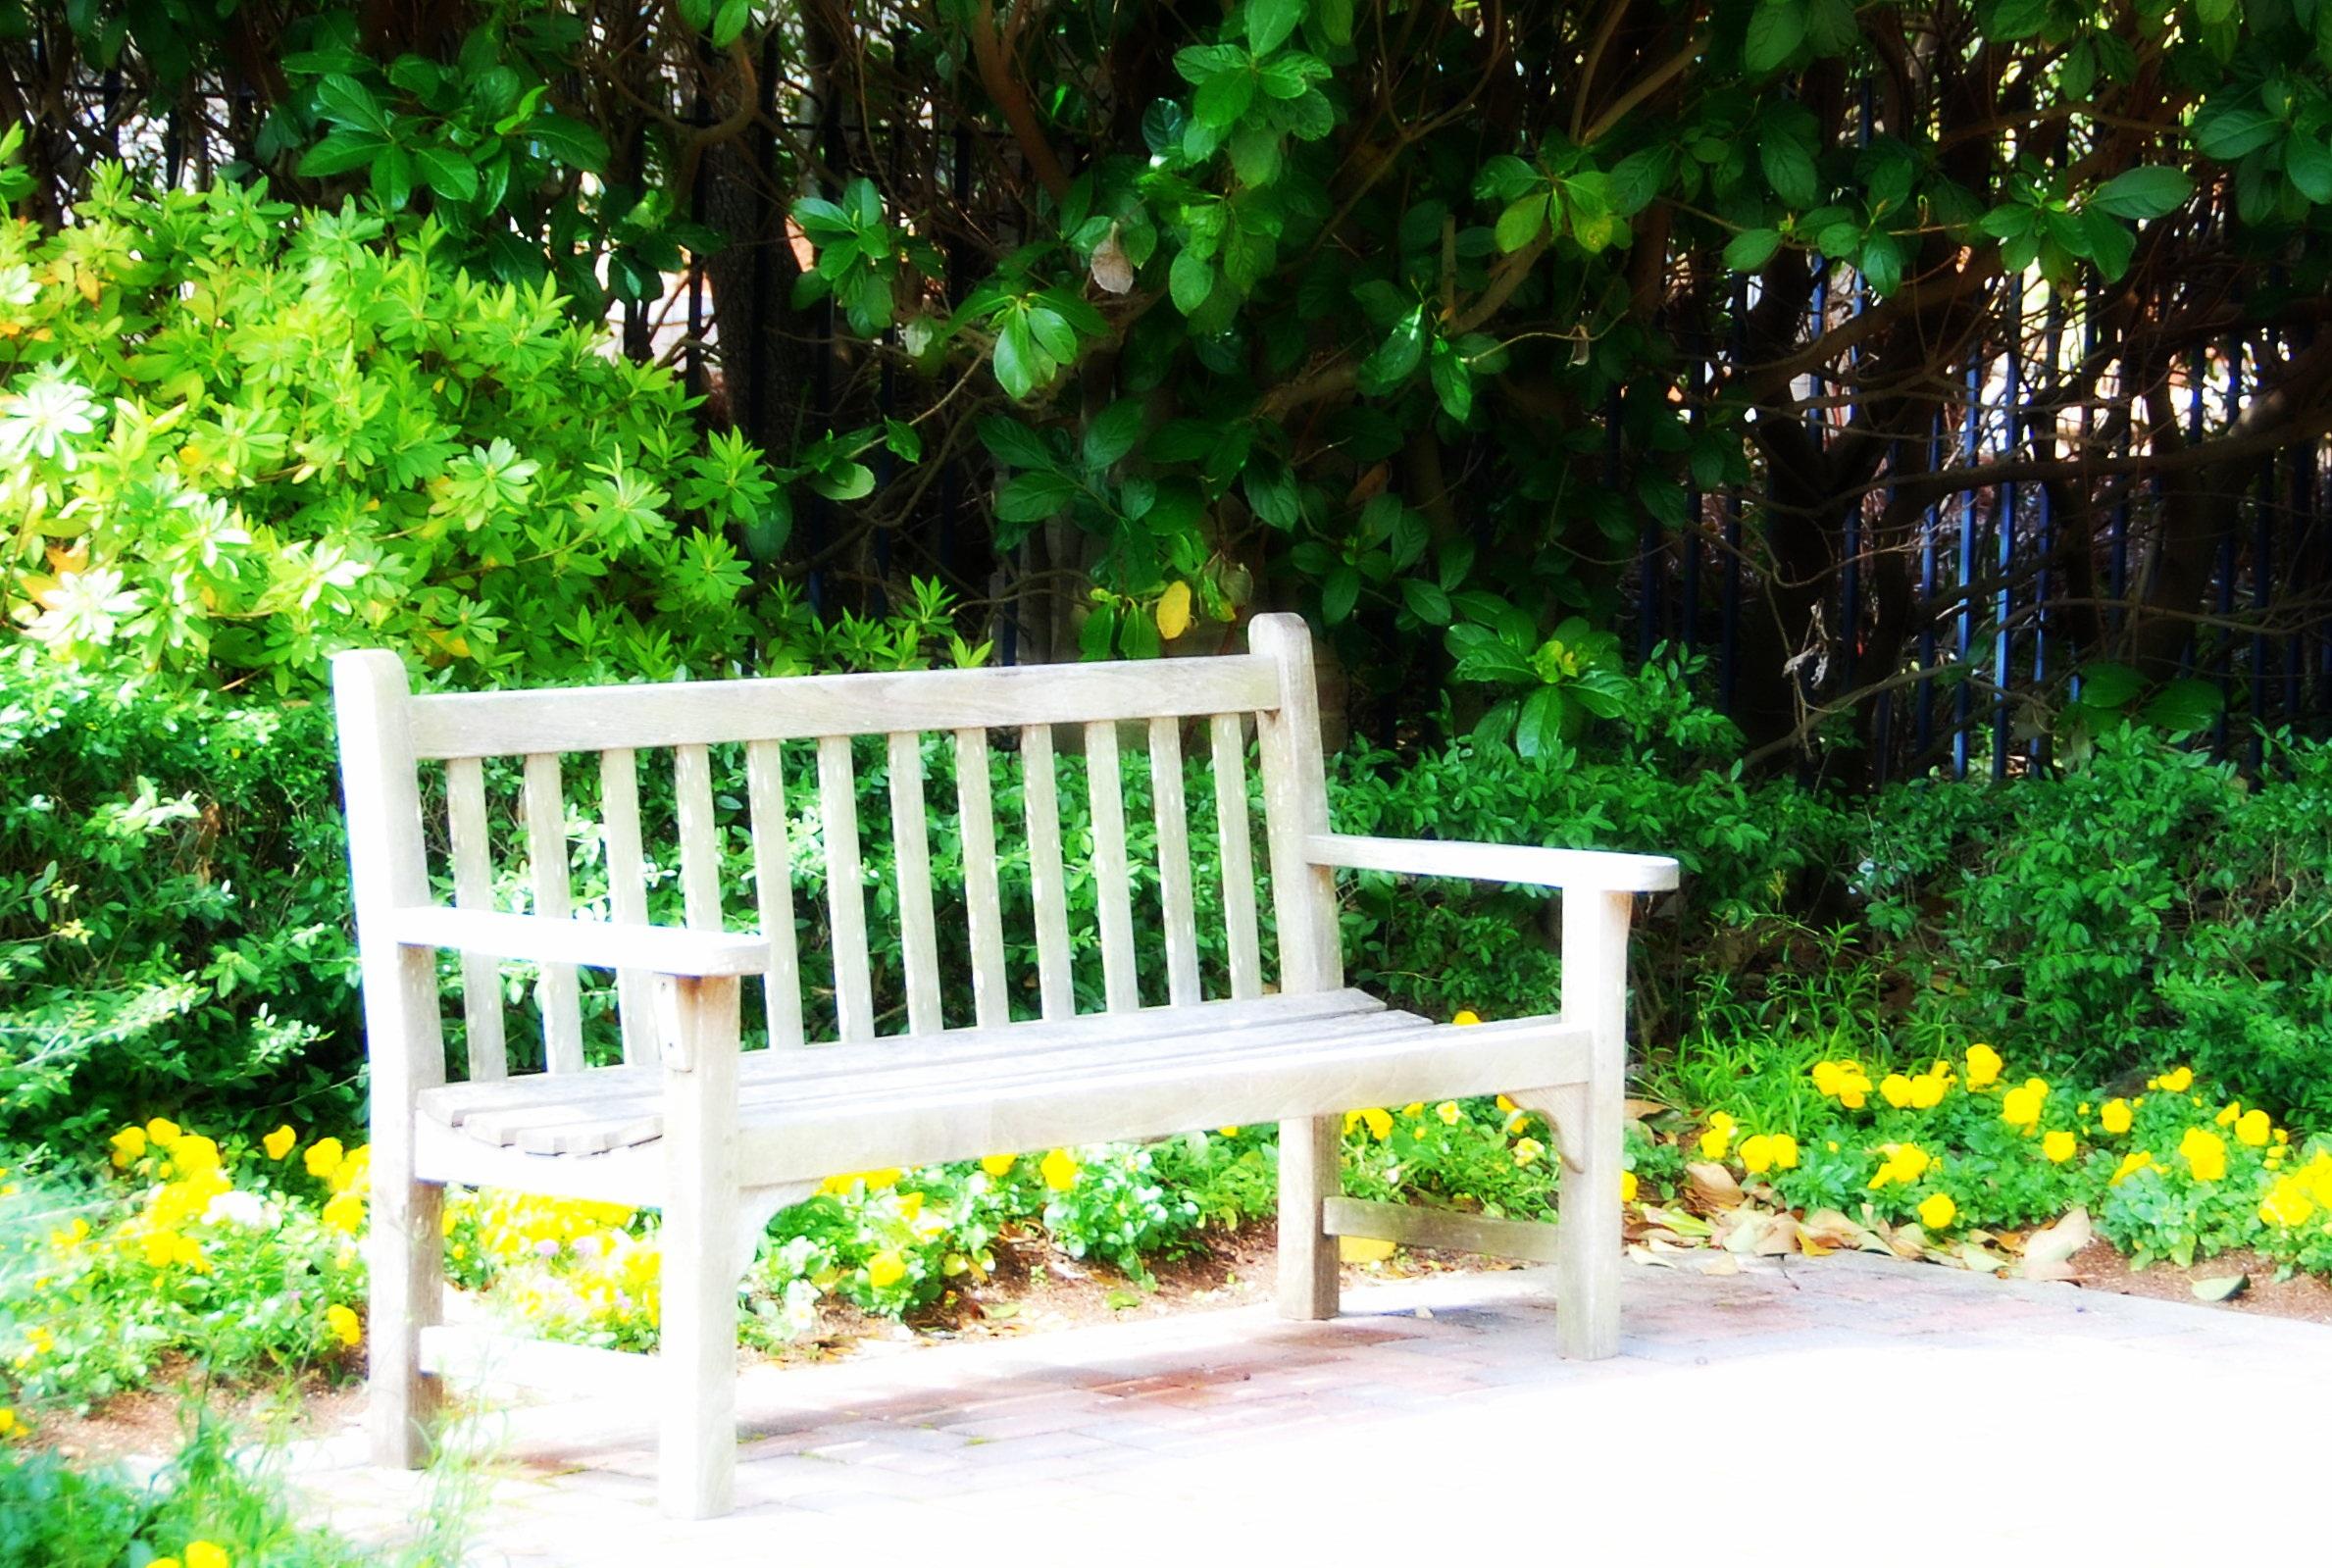 одного, картинки лавочки в саду есть, иконки тайле